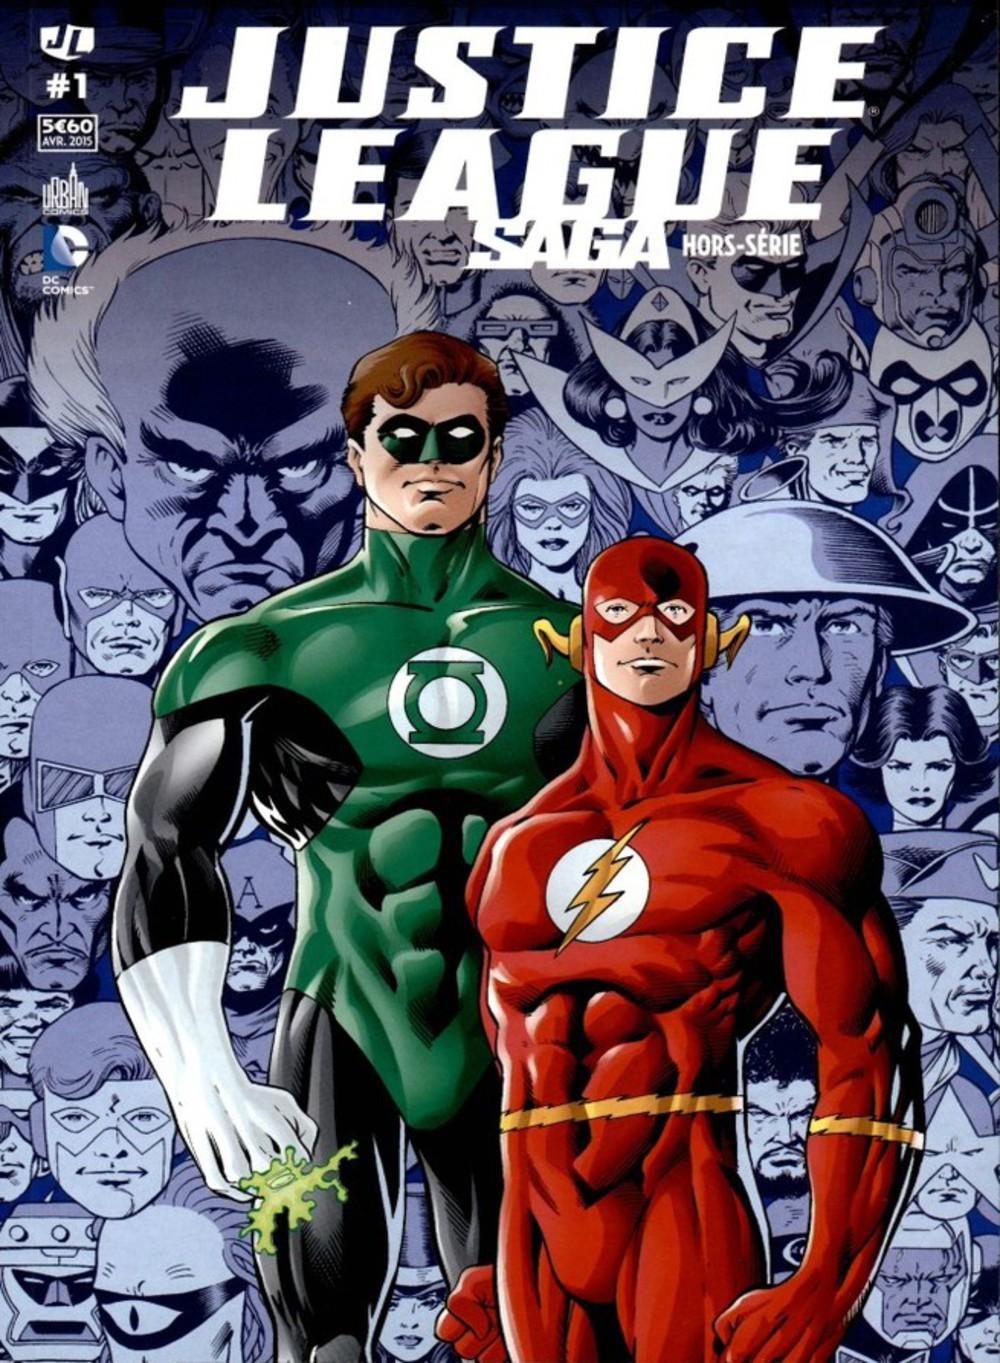 On a lu…Justice League Saga Hors-série N°1